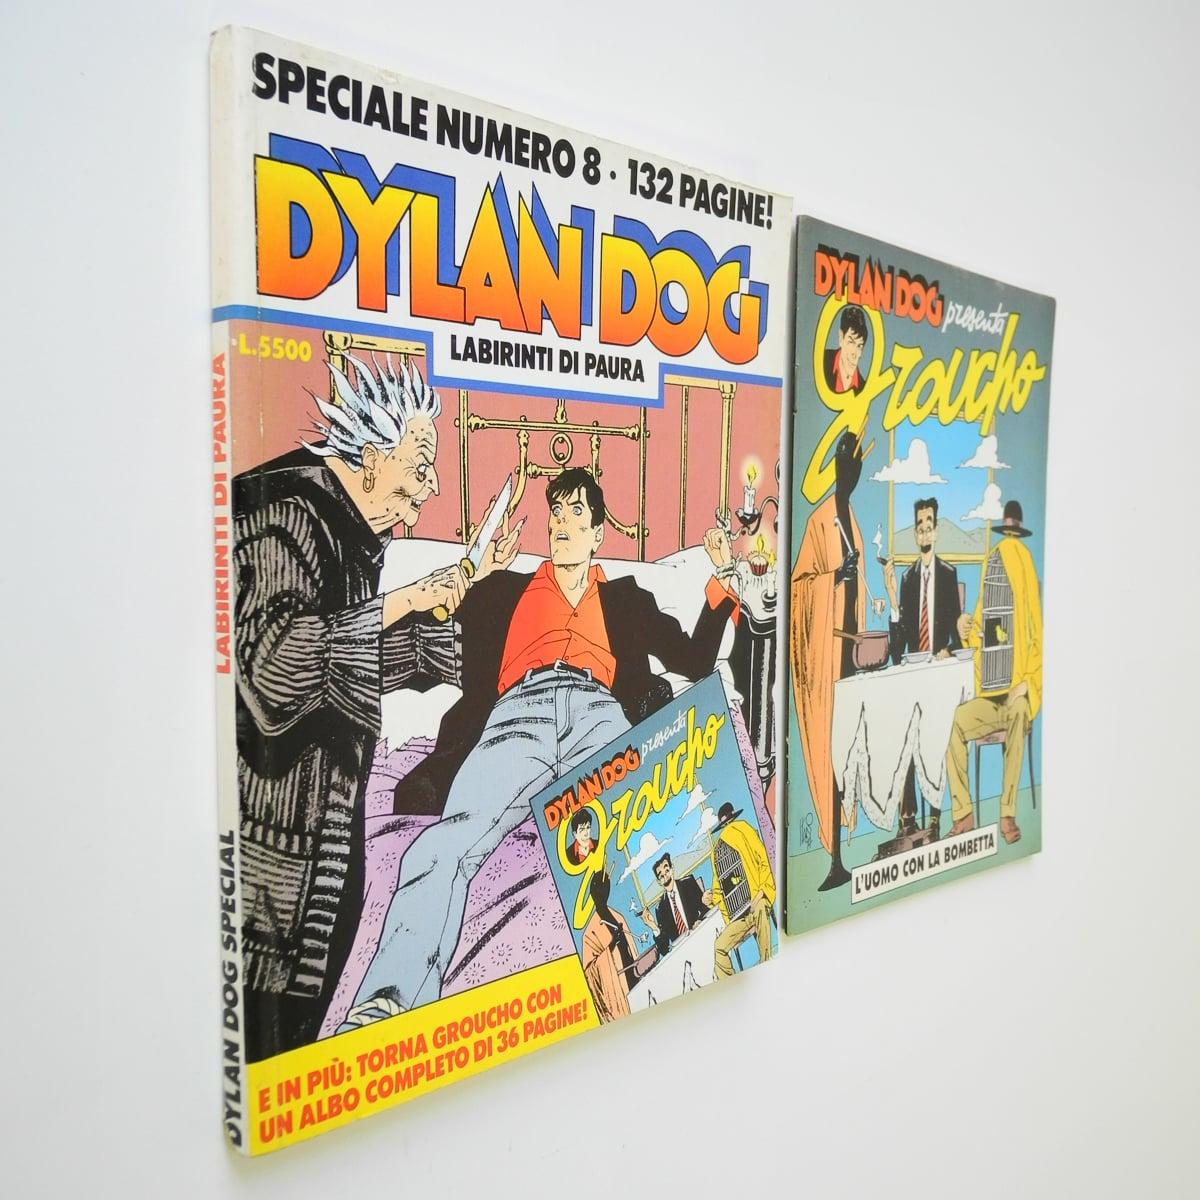 Dylan Dog speciale n. 8 con albetto originale